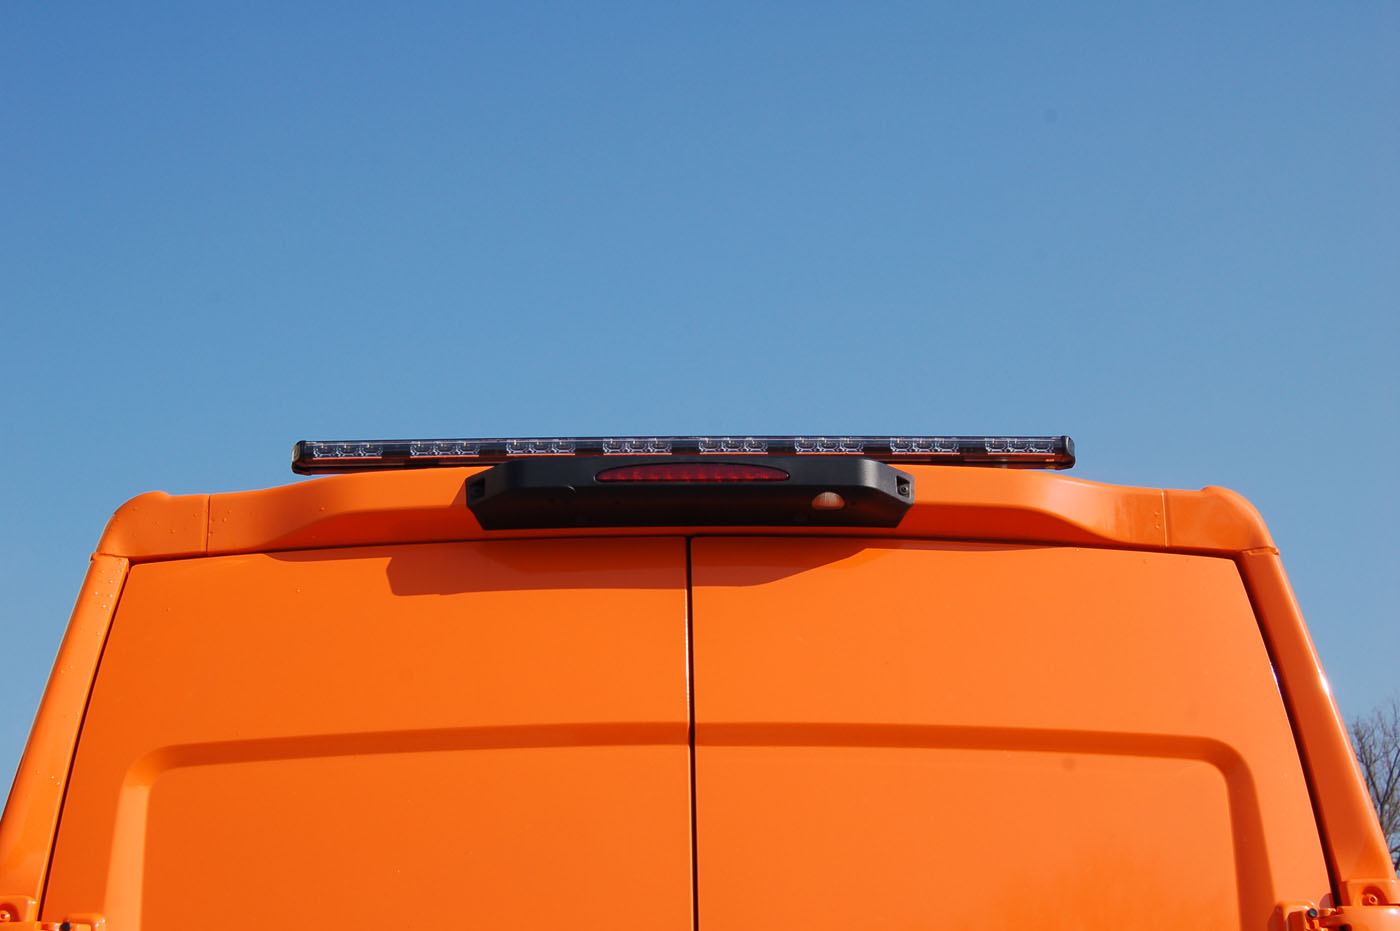 Verlooplicht-met-8-leds-kleur-orange